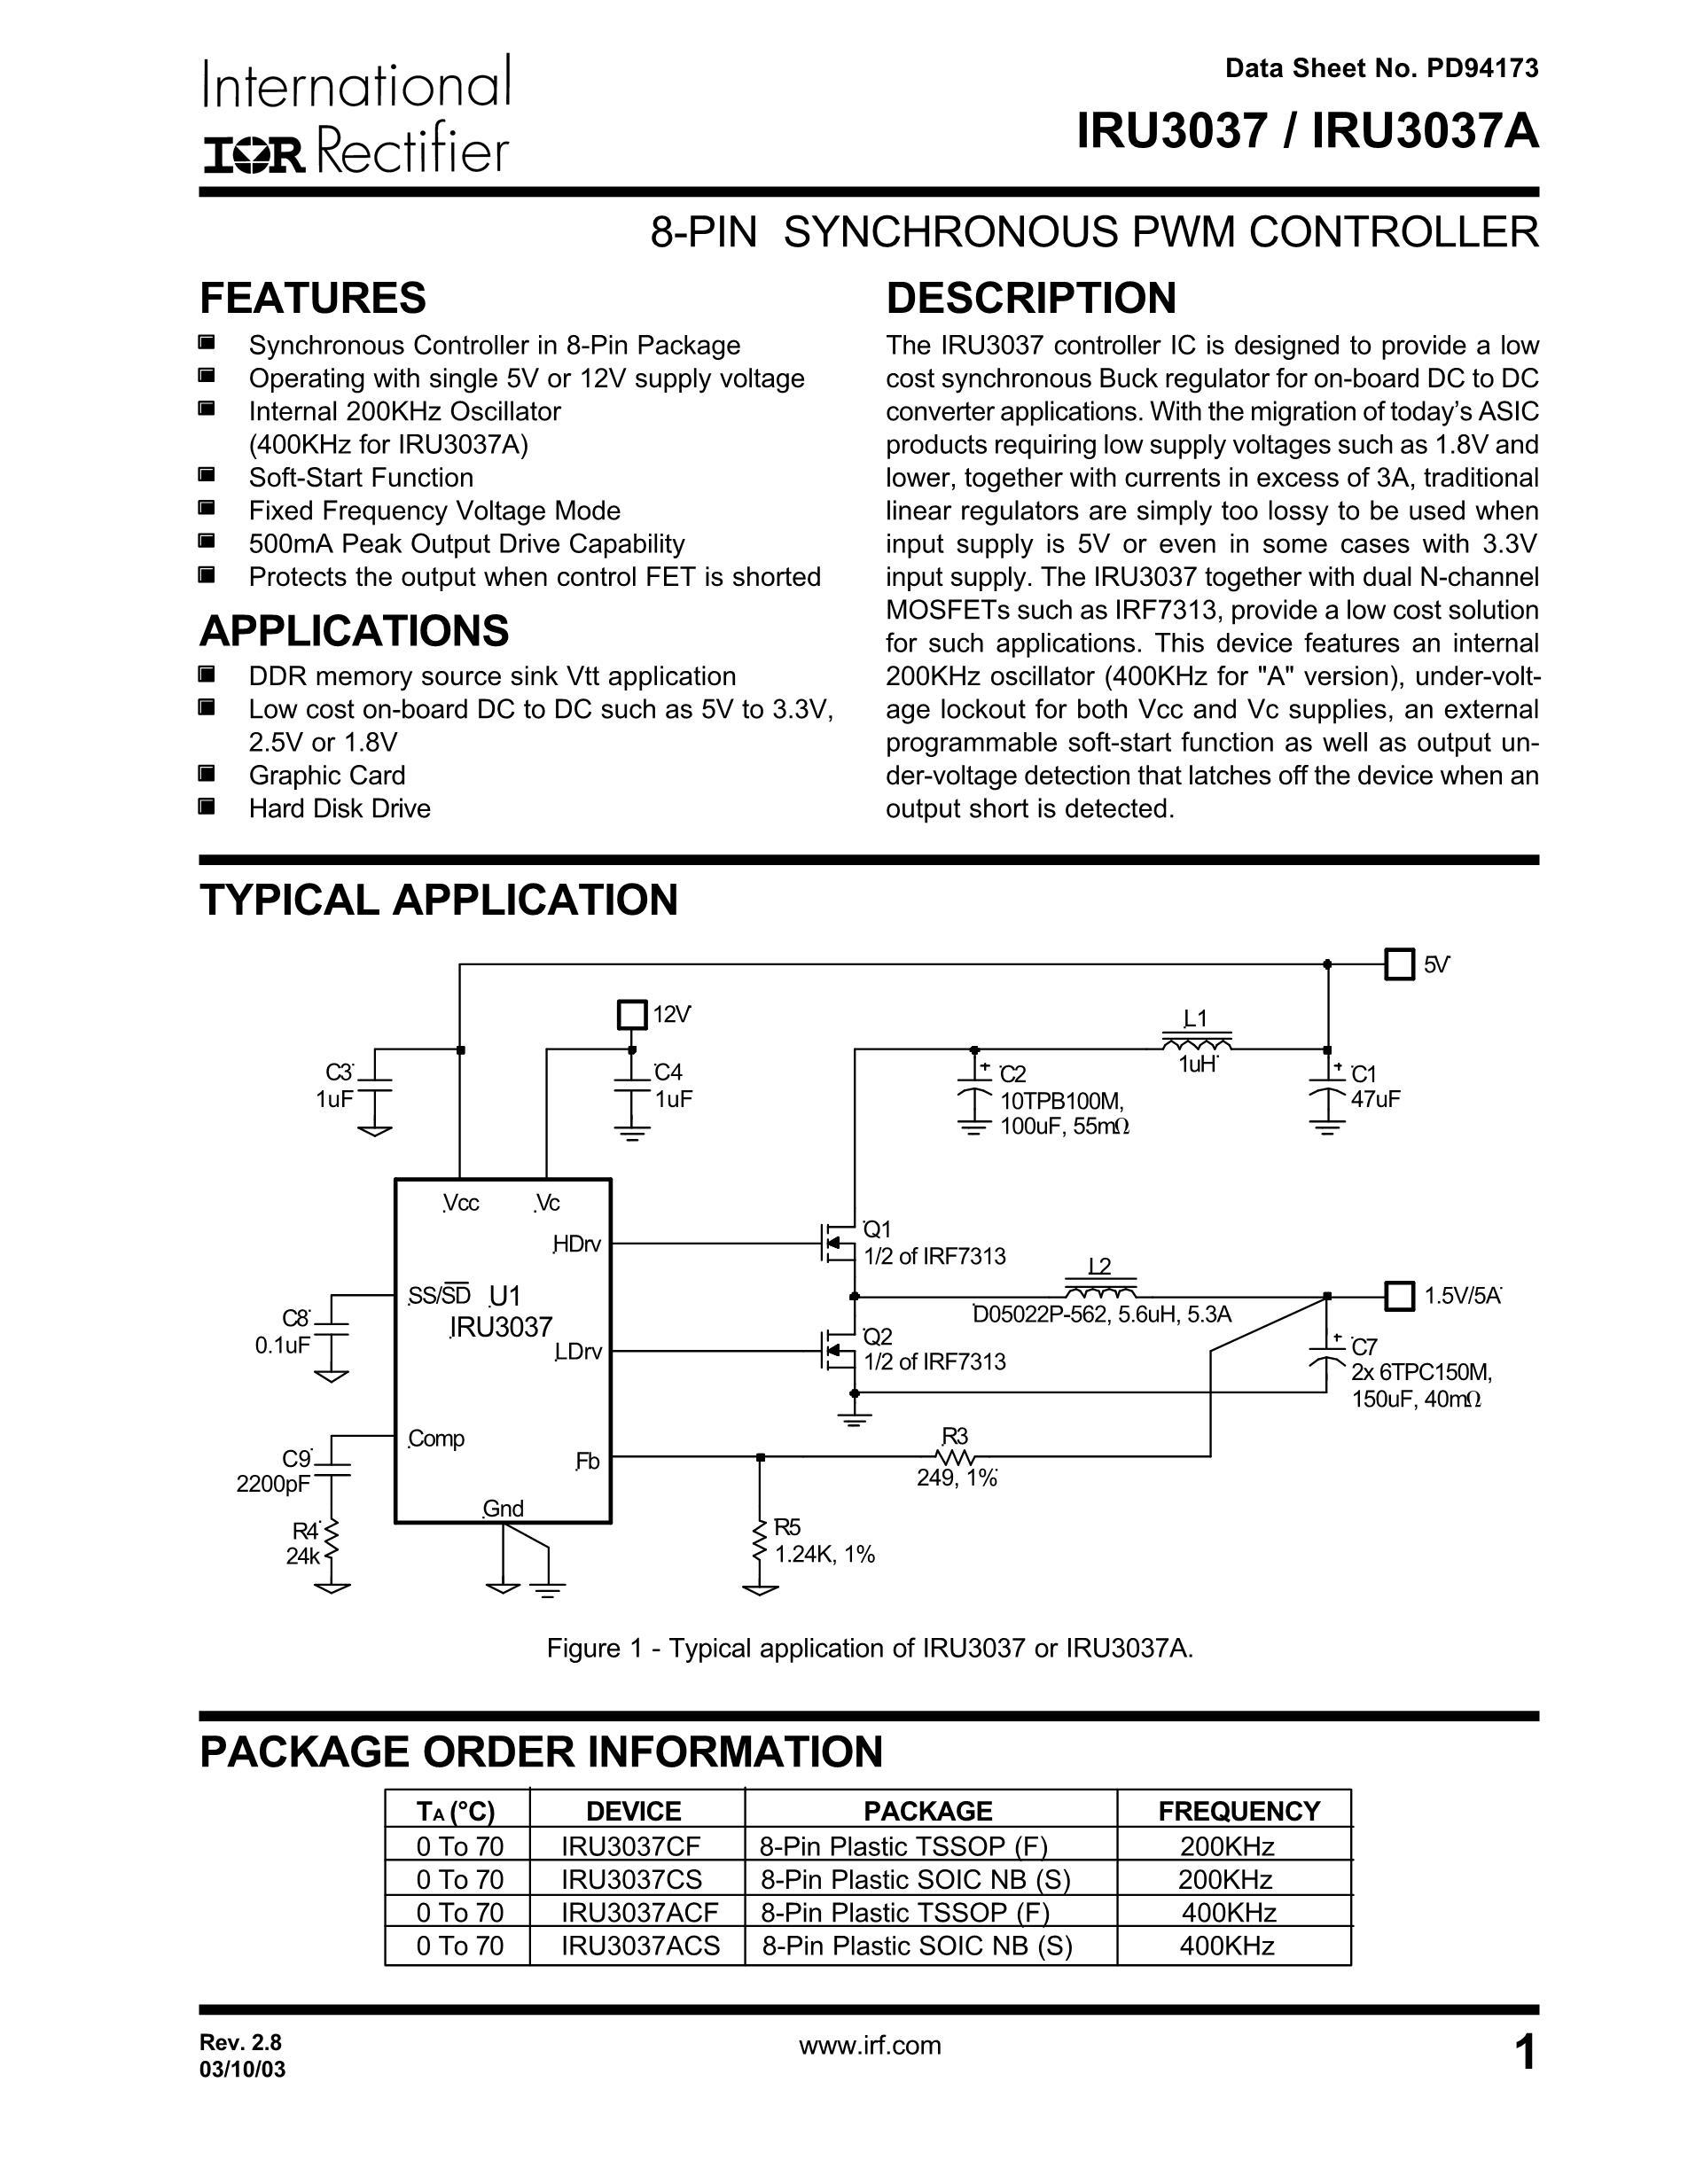 IRU3037ACSTR's pdf picture 1